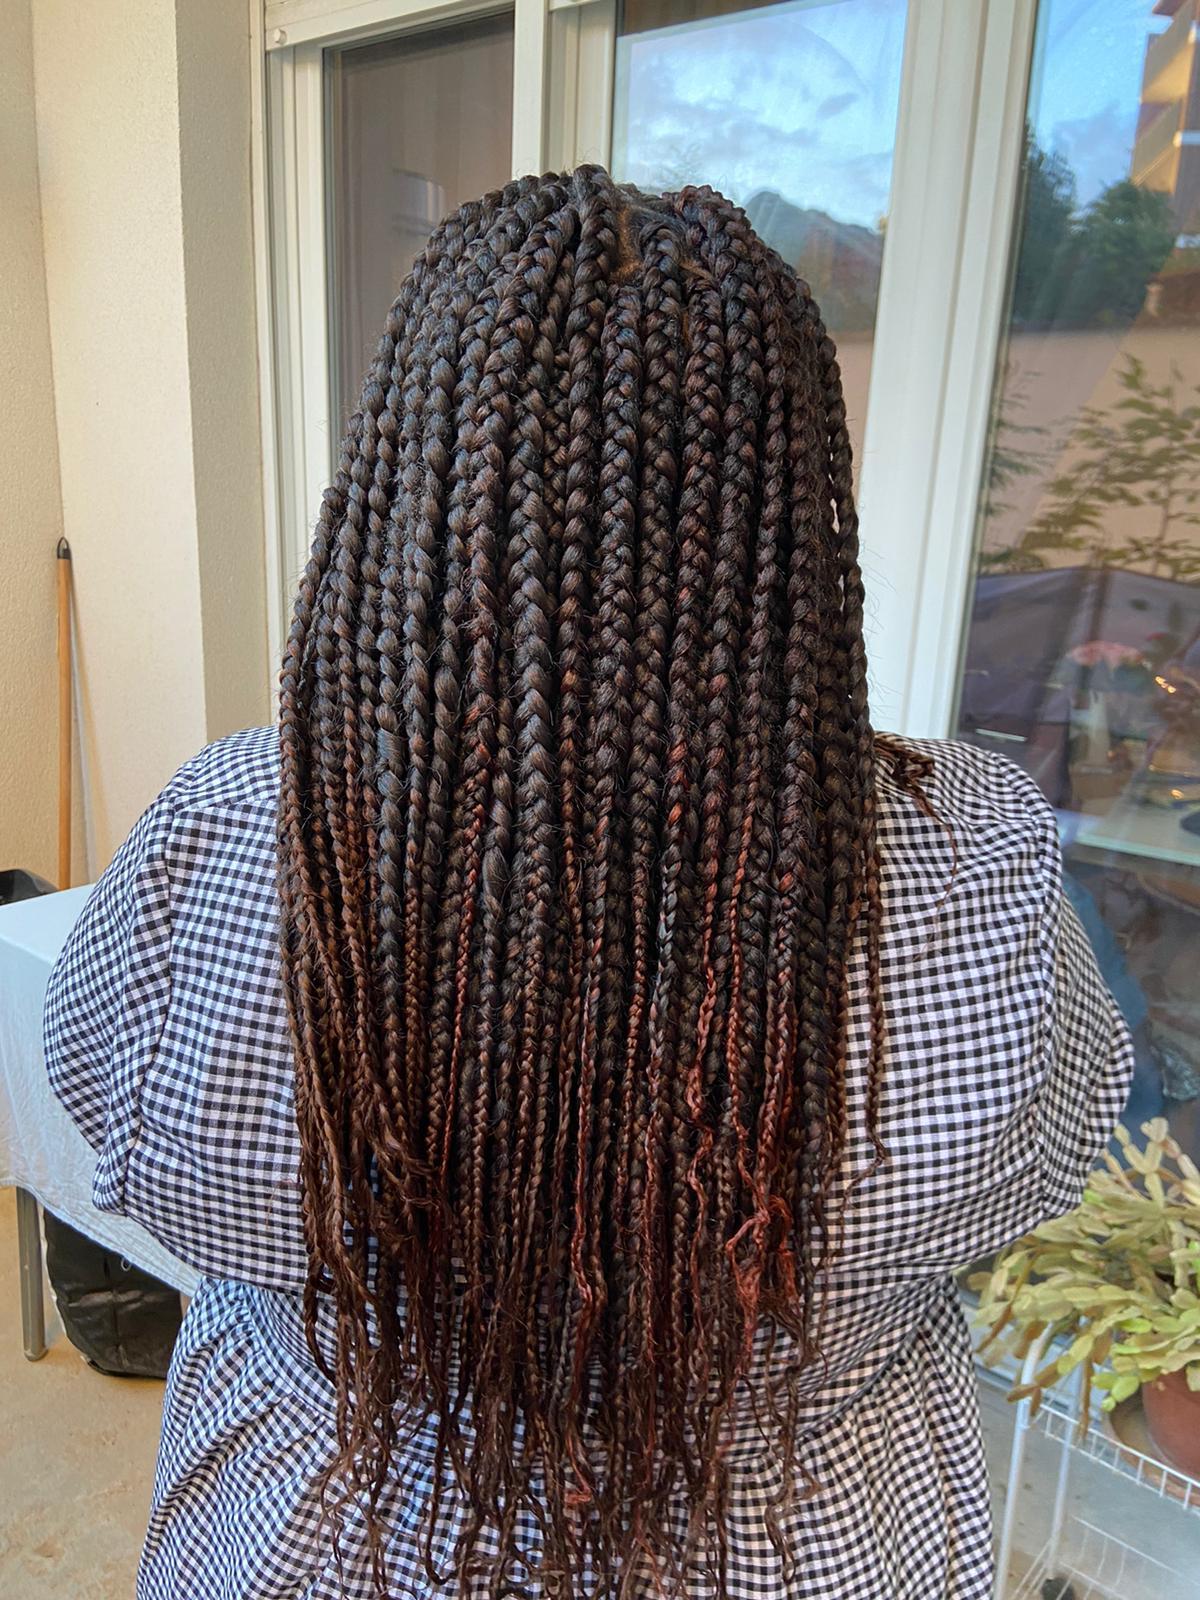 salon de coiffure afro tresse tresses box braids crochet braids vanilles tissages paris 75 77 78 91 92 93 94 95 BFFWQRPF